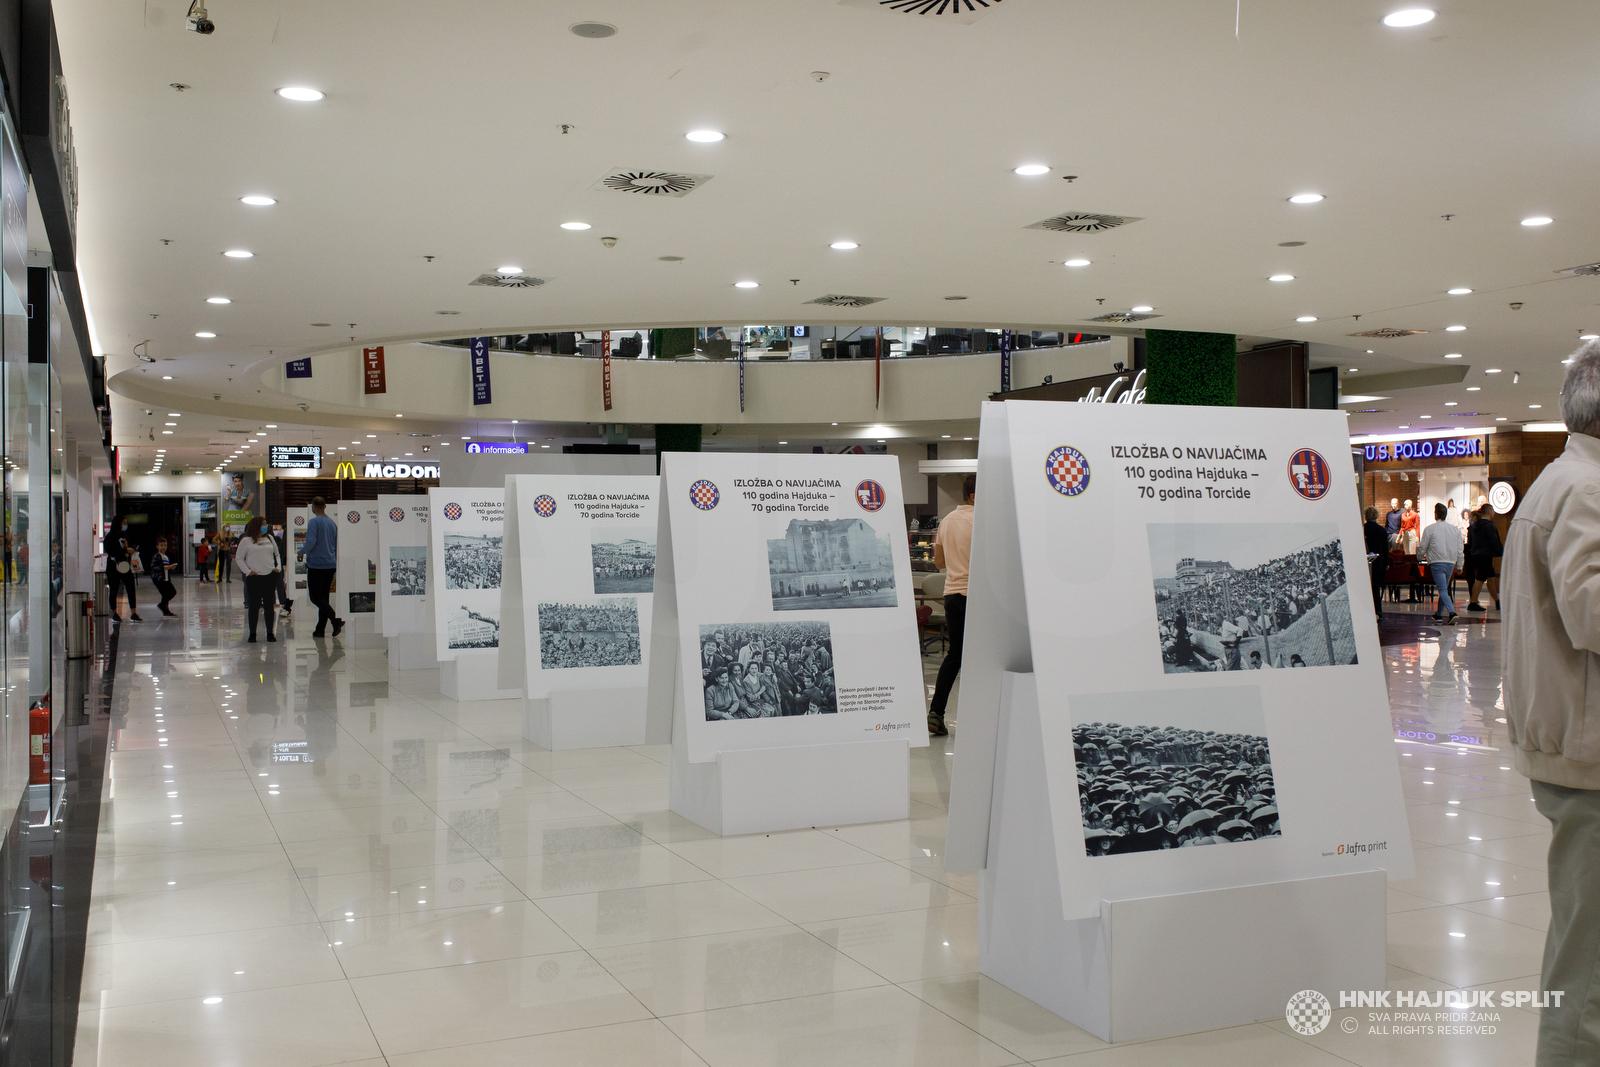 Izložba o navijačima, 110 godina Hajduka - 70 godina Torcide